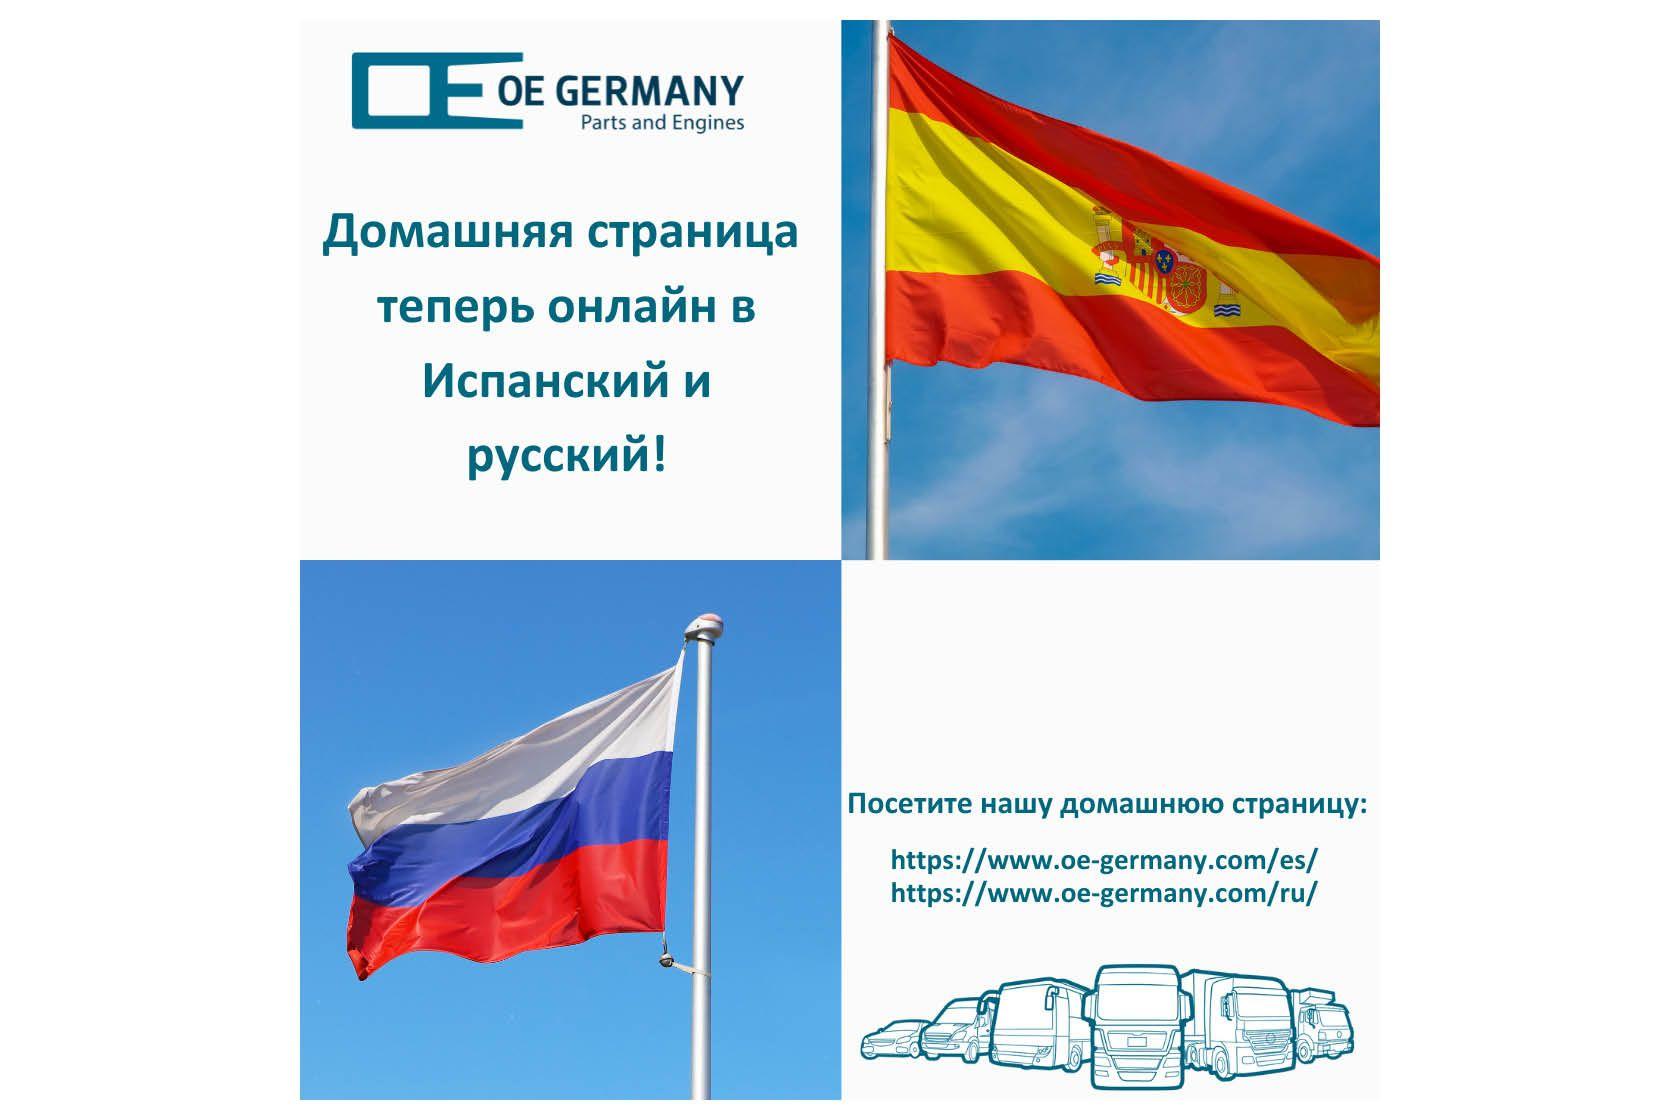 Домашняя страница теперь также на испанском и русском языках!